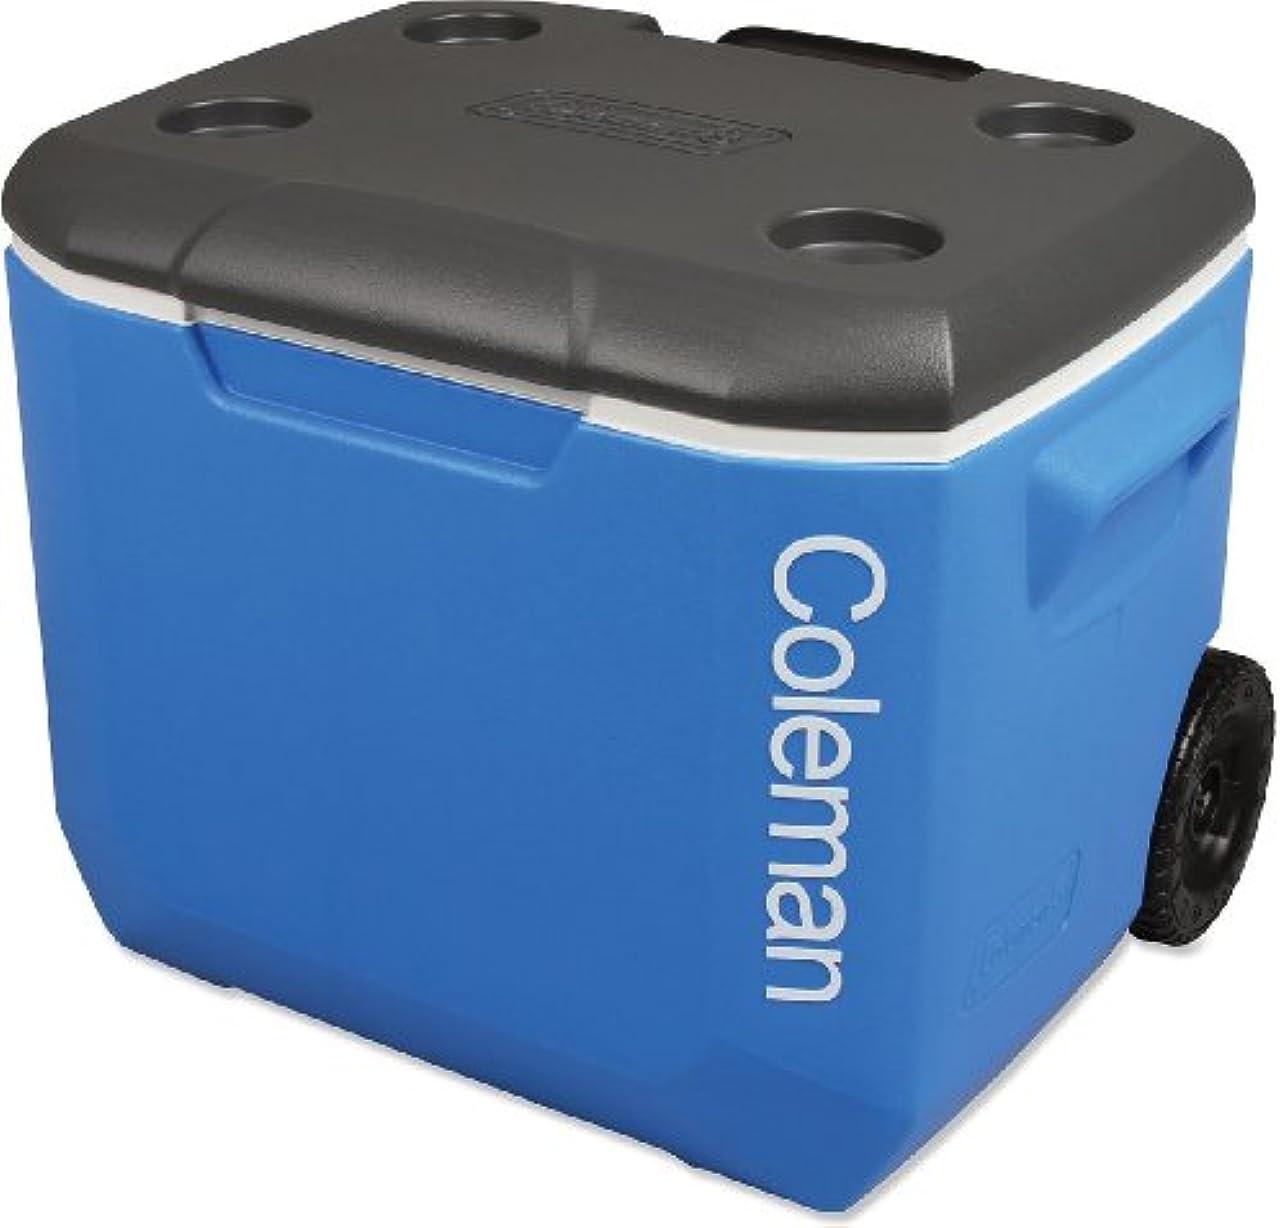 効能あるこどもセンター暴力的な■日本未発売品■COLEMAN 60QT WHEELED COOLER ホイールクーラー BLUE/WHITE